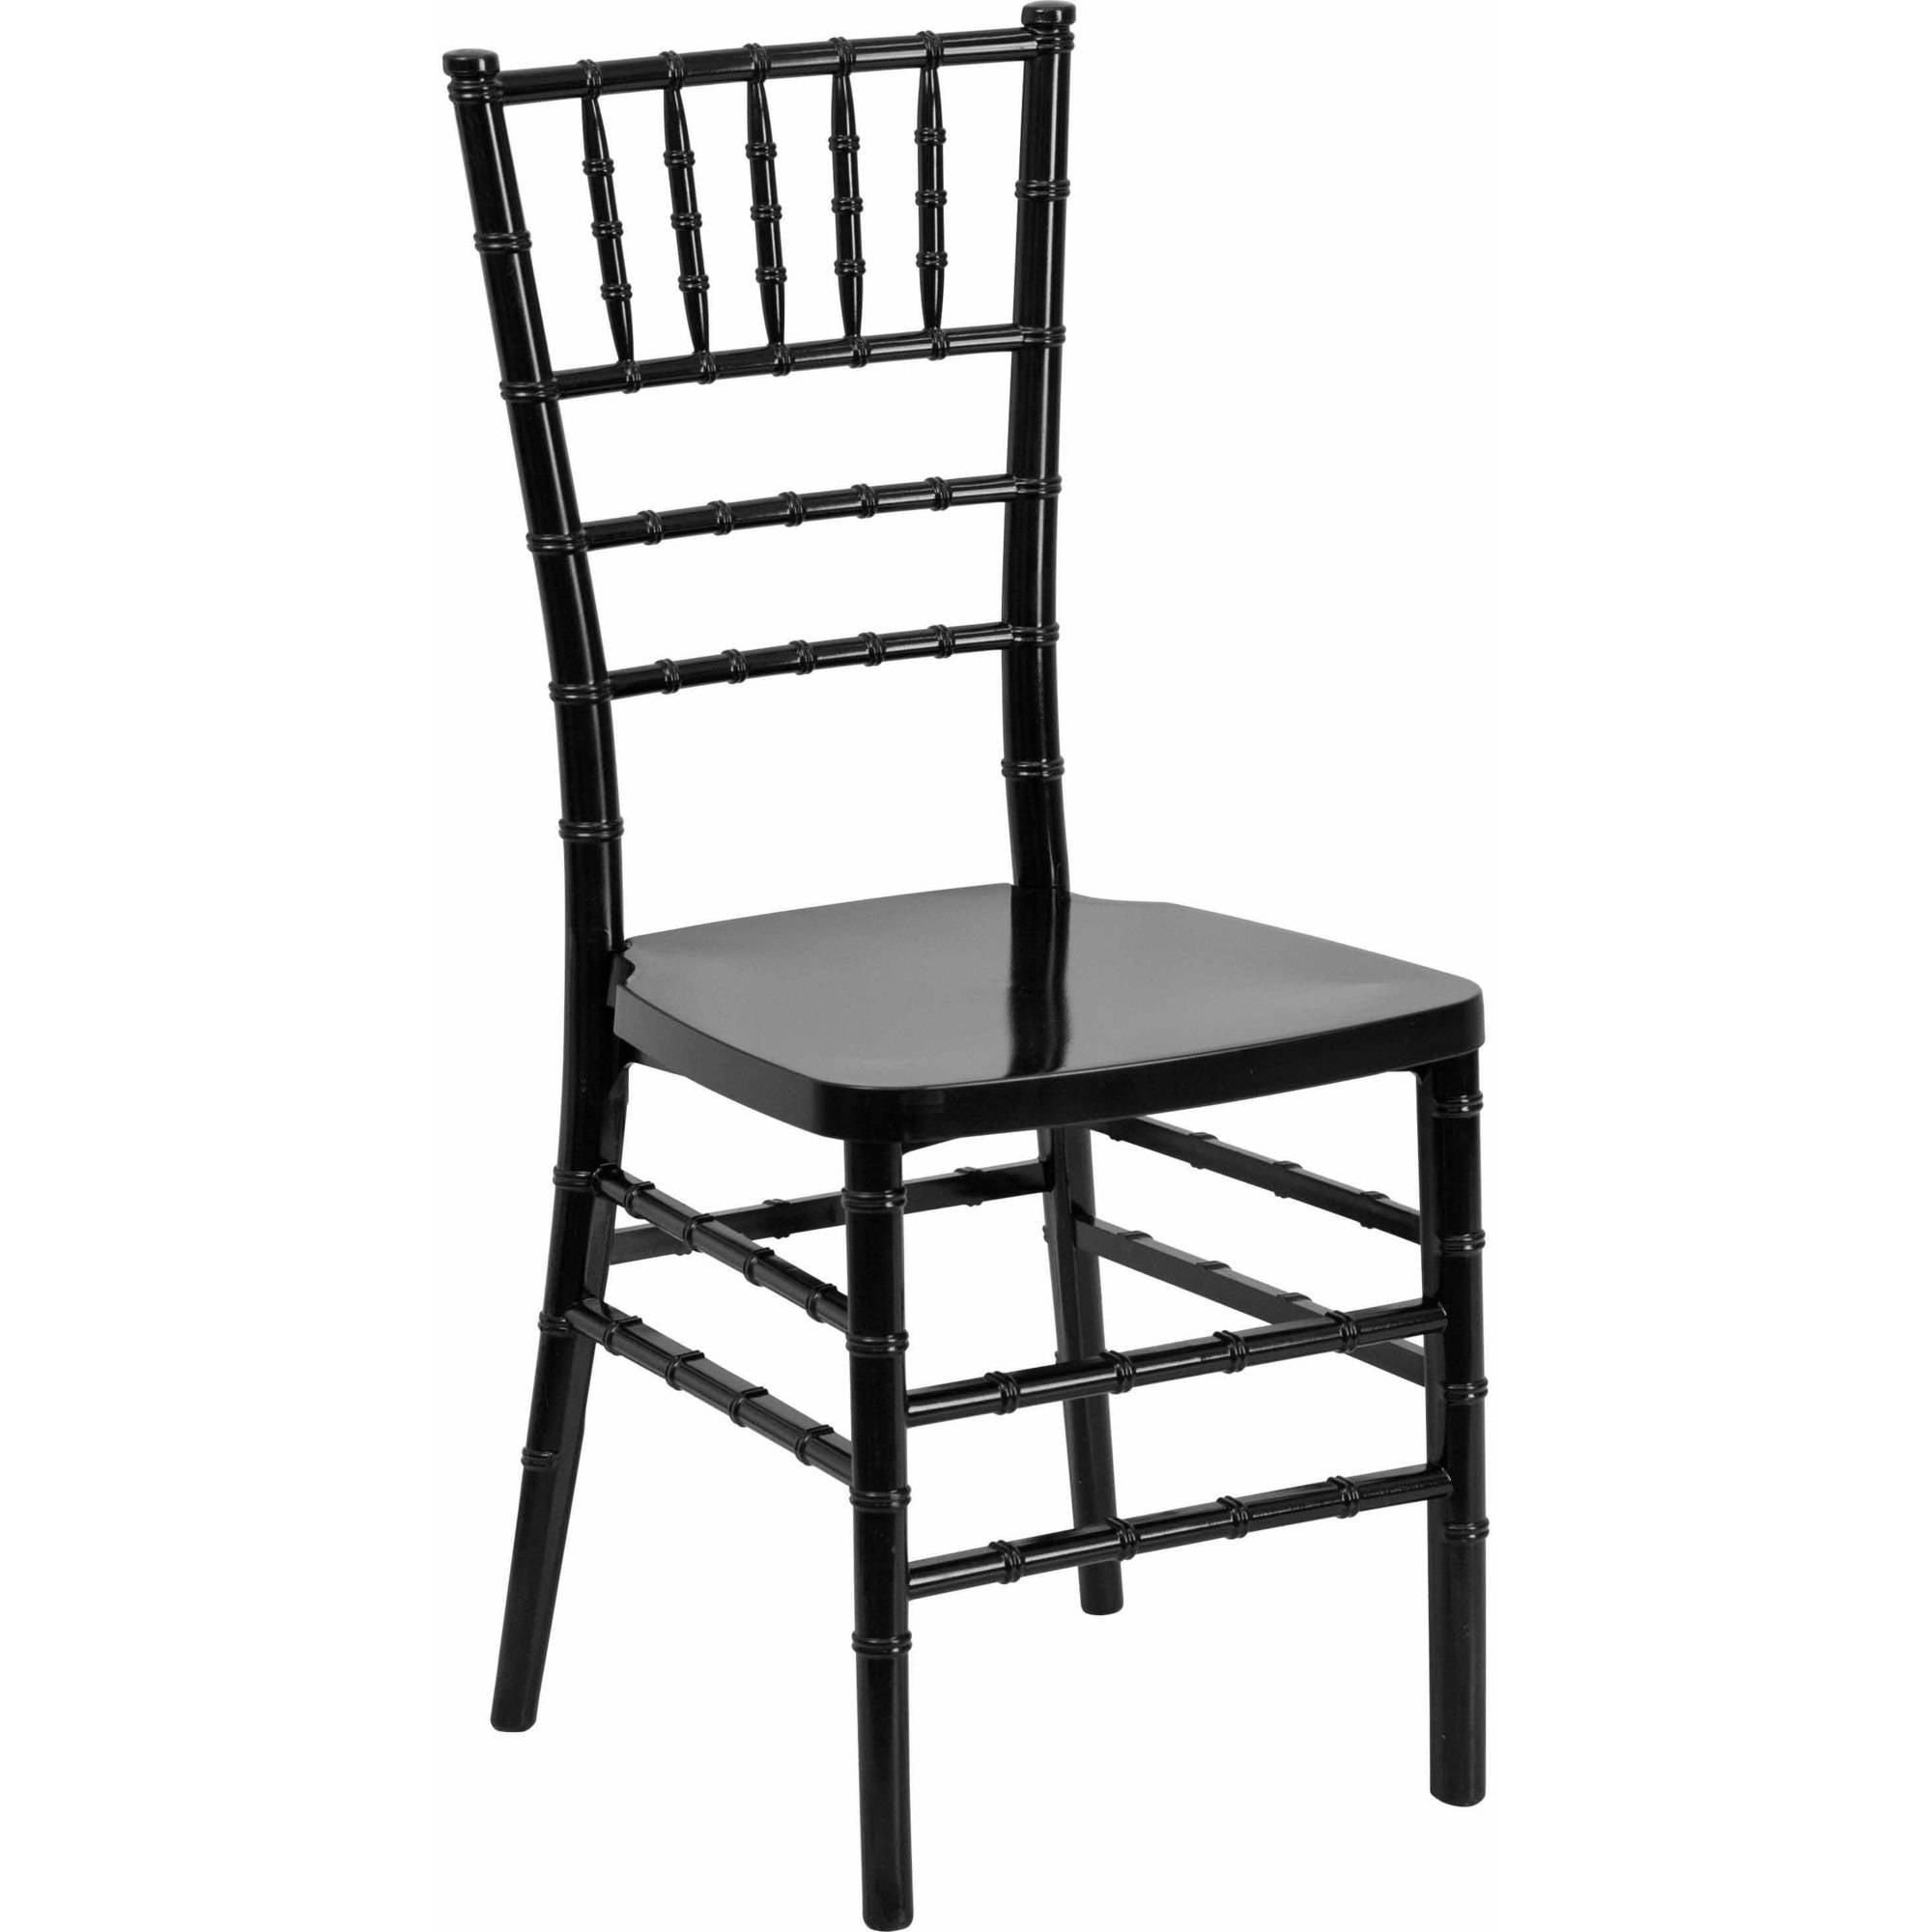 Flash Furniture HERCULES PREMIUM Series Resin Stacking Chiavari Chair, Multiple Colors